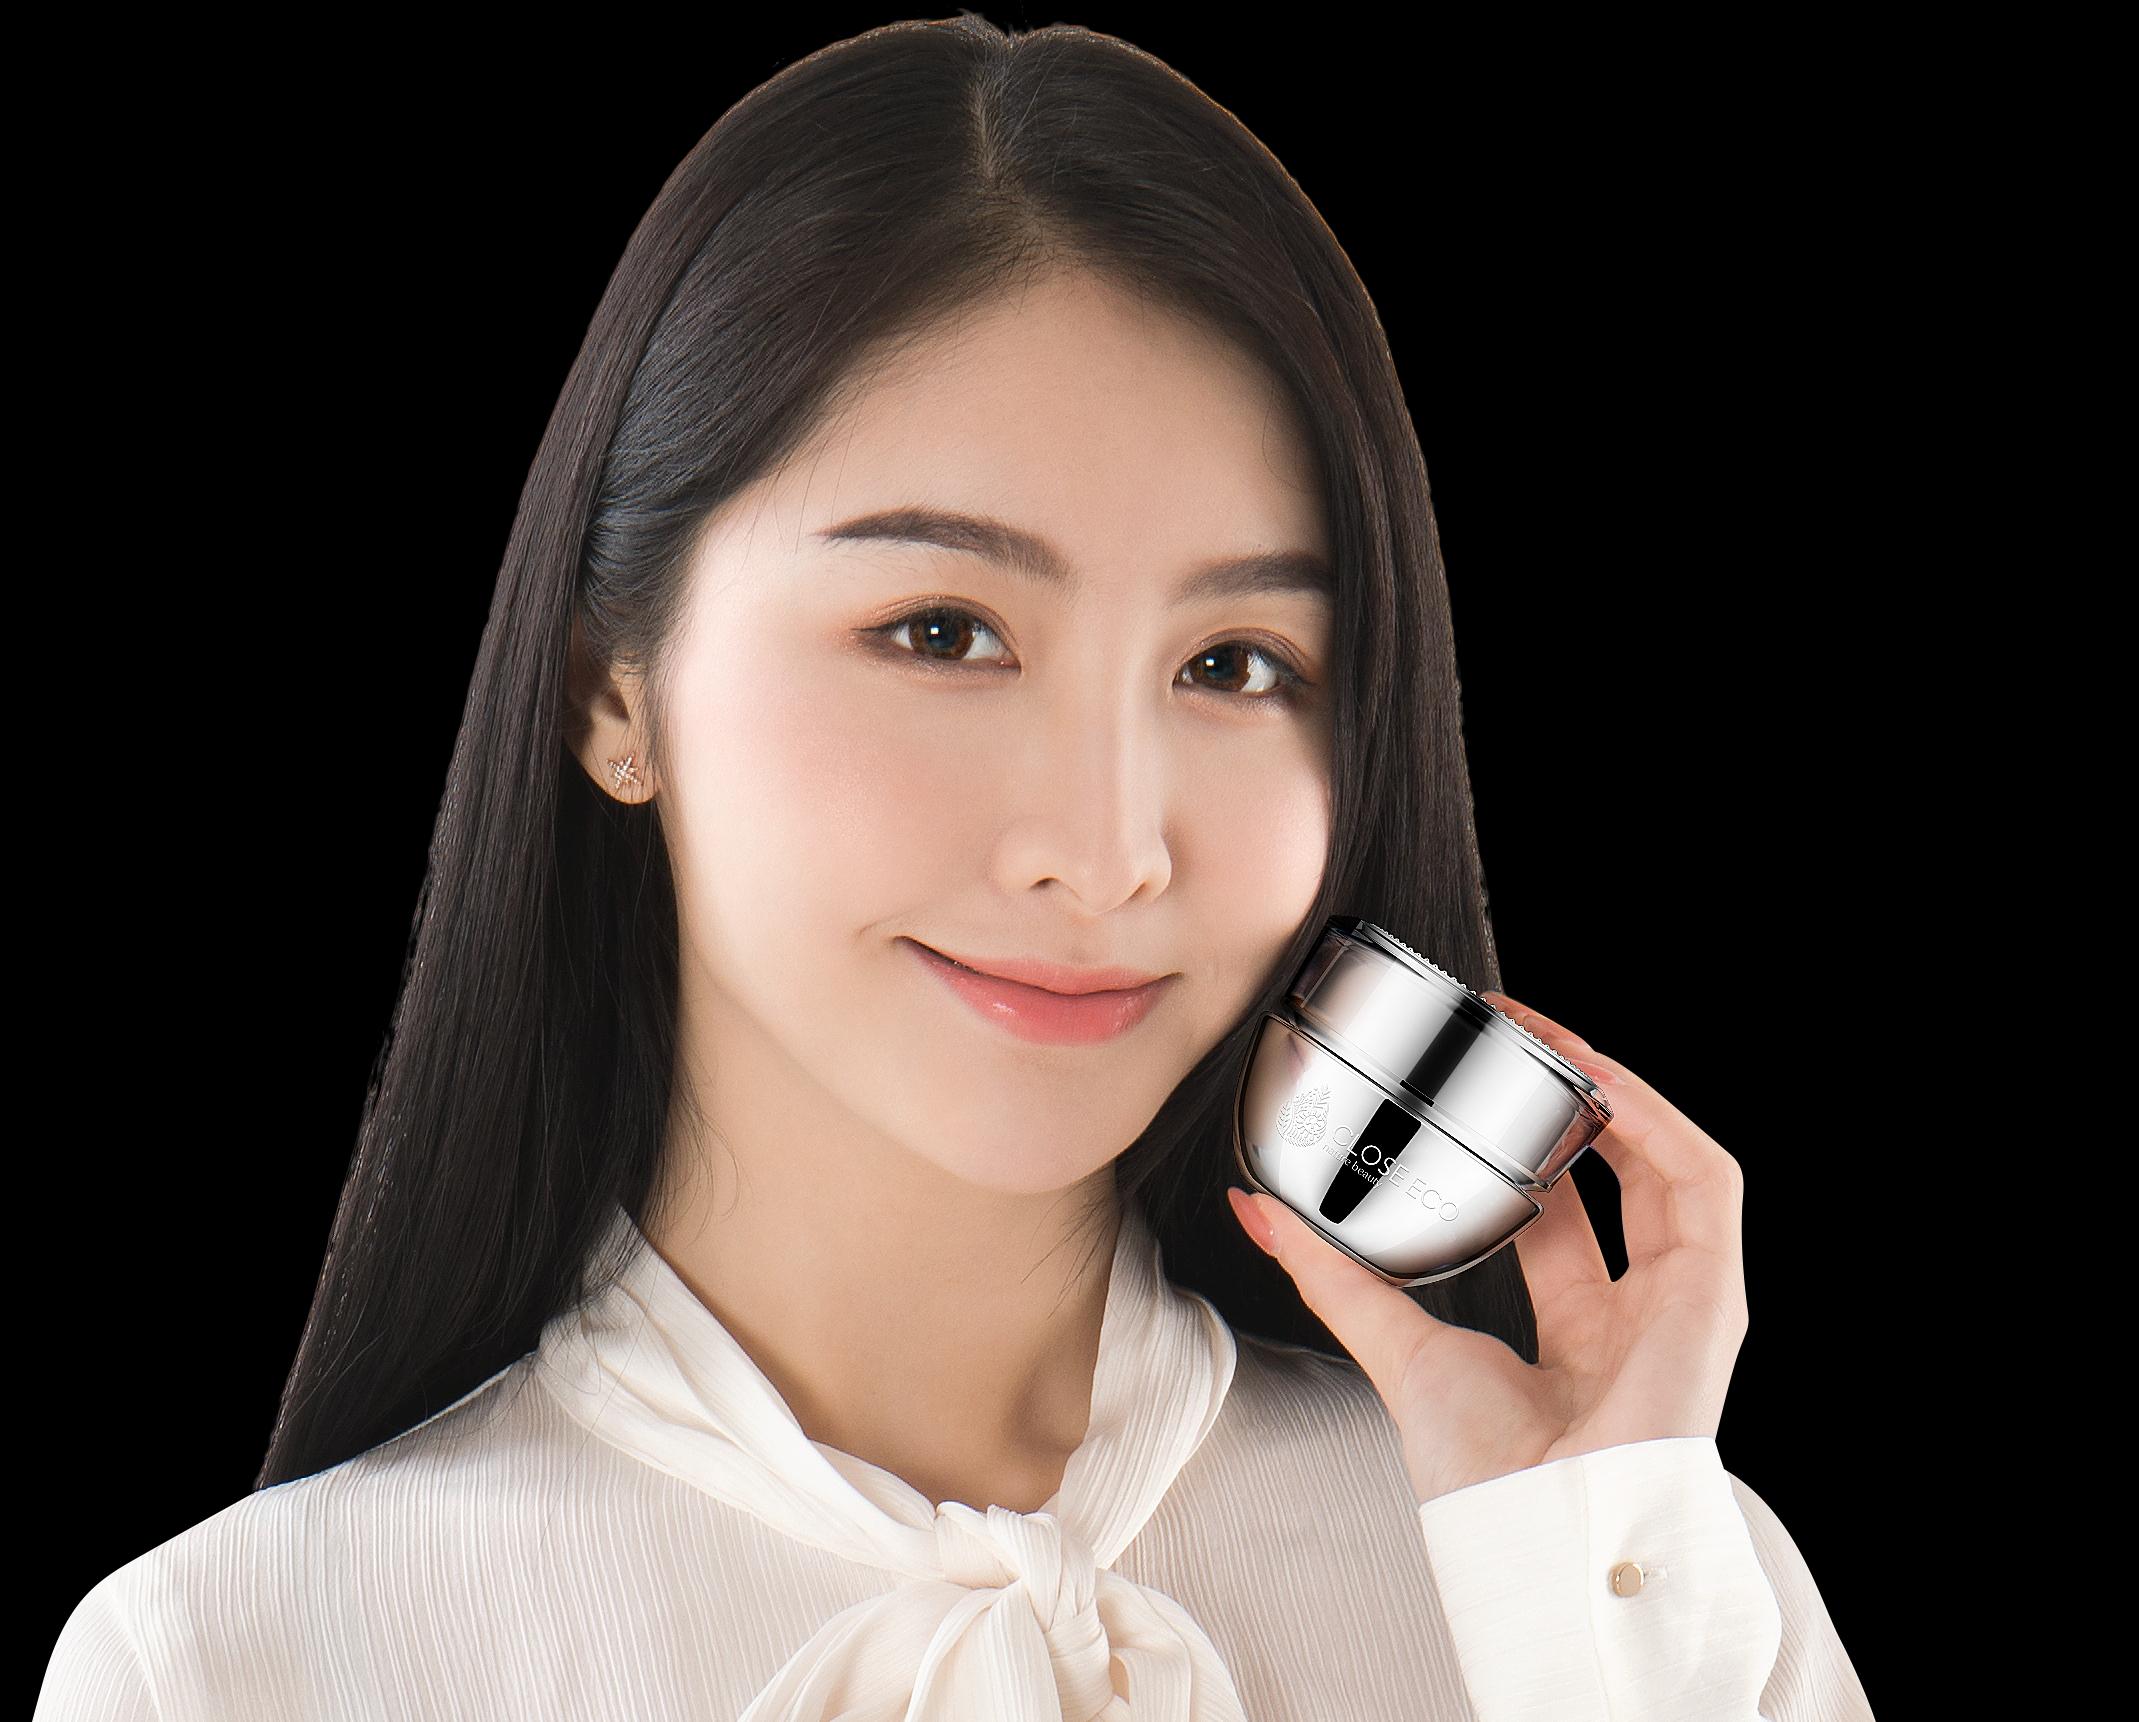 亲草Closeeco:警报,你的肌肤可能处于亚健康状态!